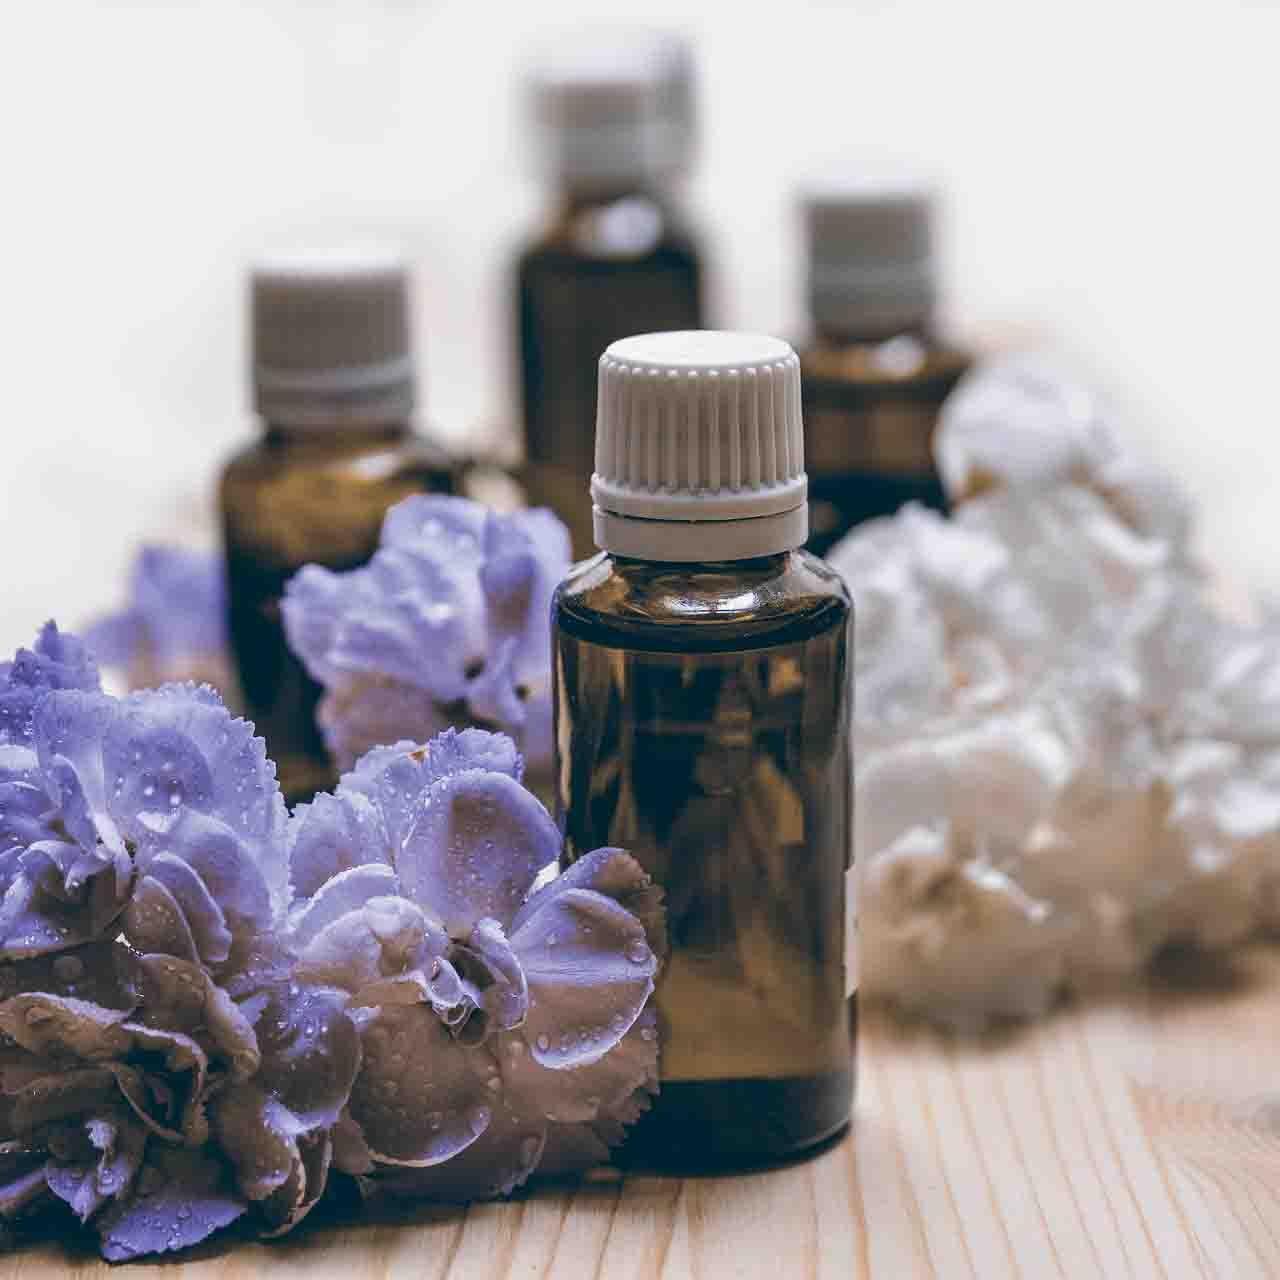 aimaproject-agenzia-di-comunicazione-farmacia-giardino-coldrerio-aromaterapia-aroma-essential-oils